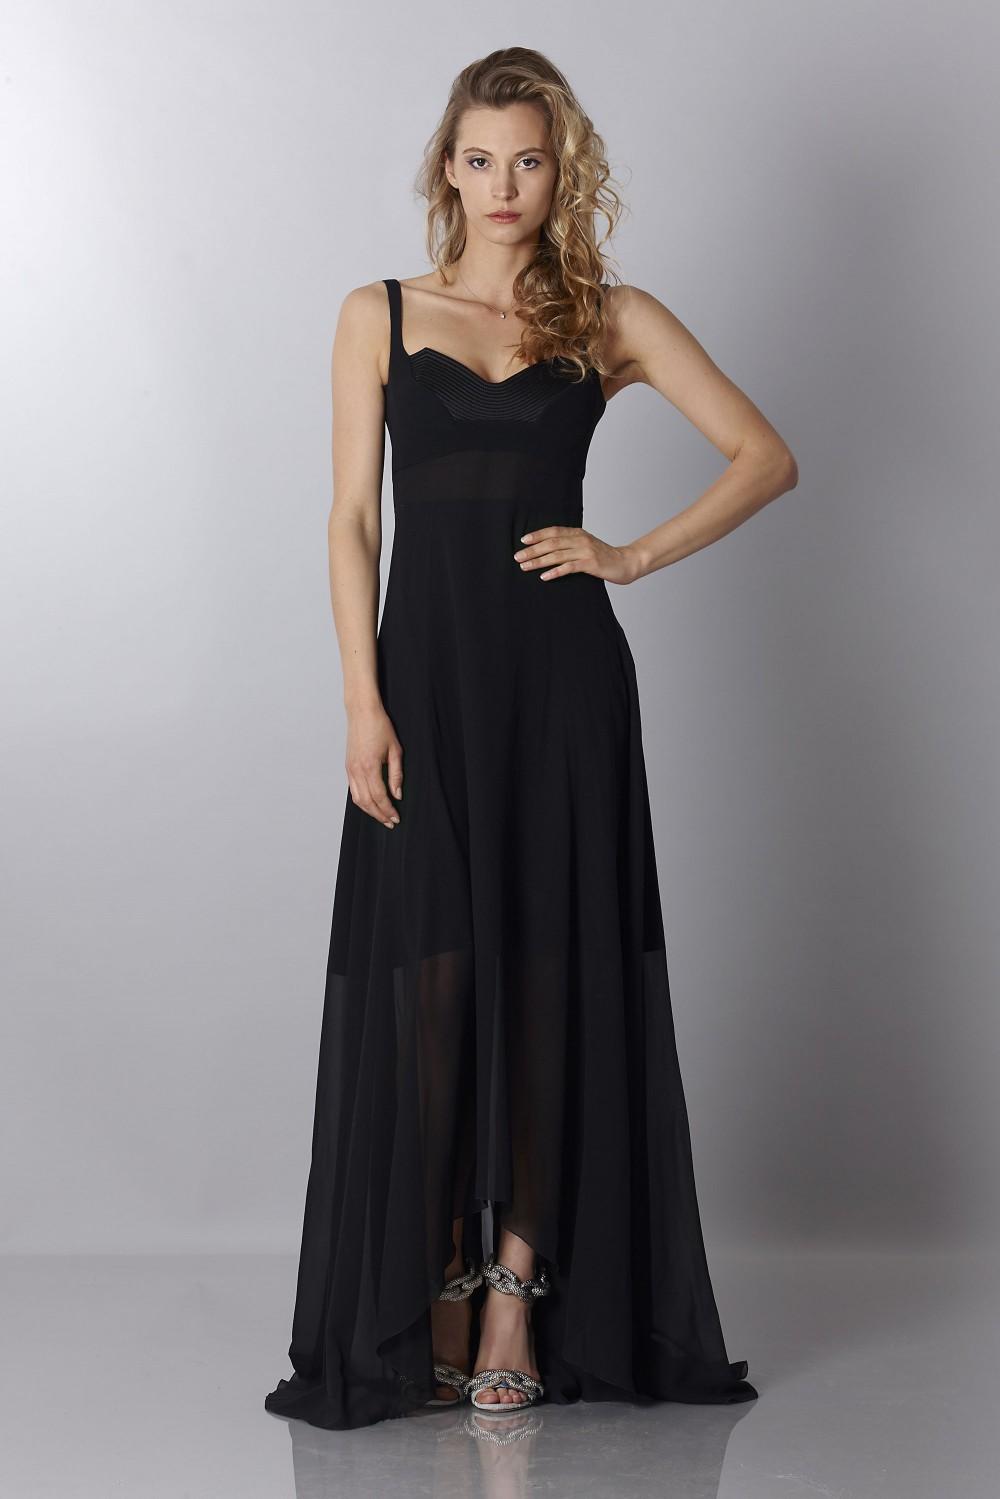 Vendita Abbigliamento Usato FIrmato - Abito lungo - Nina Ricci - Drexcode -6